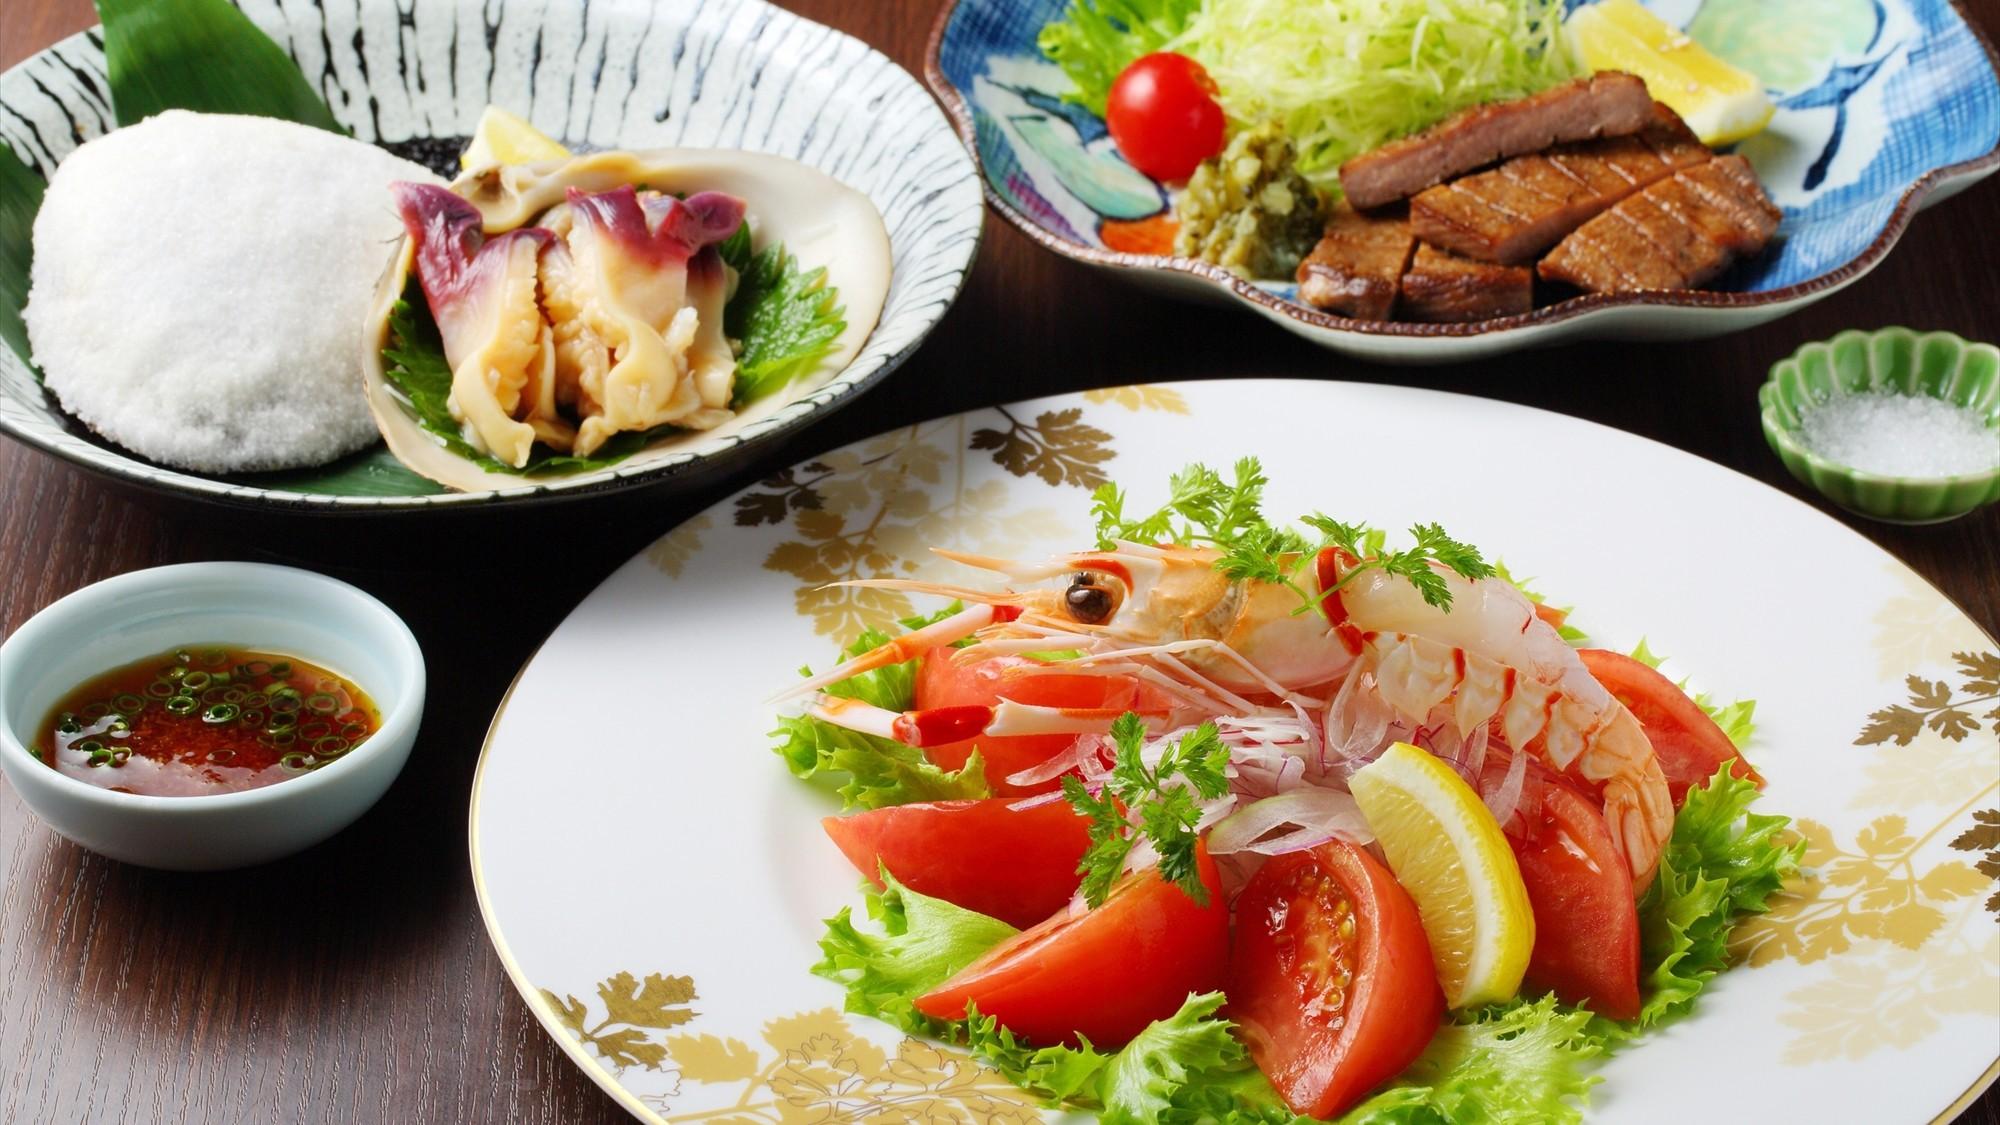 【ご夕食は御食事処「思いのまま」】メイン料理はその場でチョイスで贅沢なひと時を